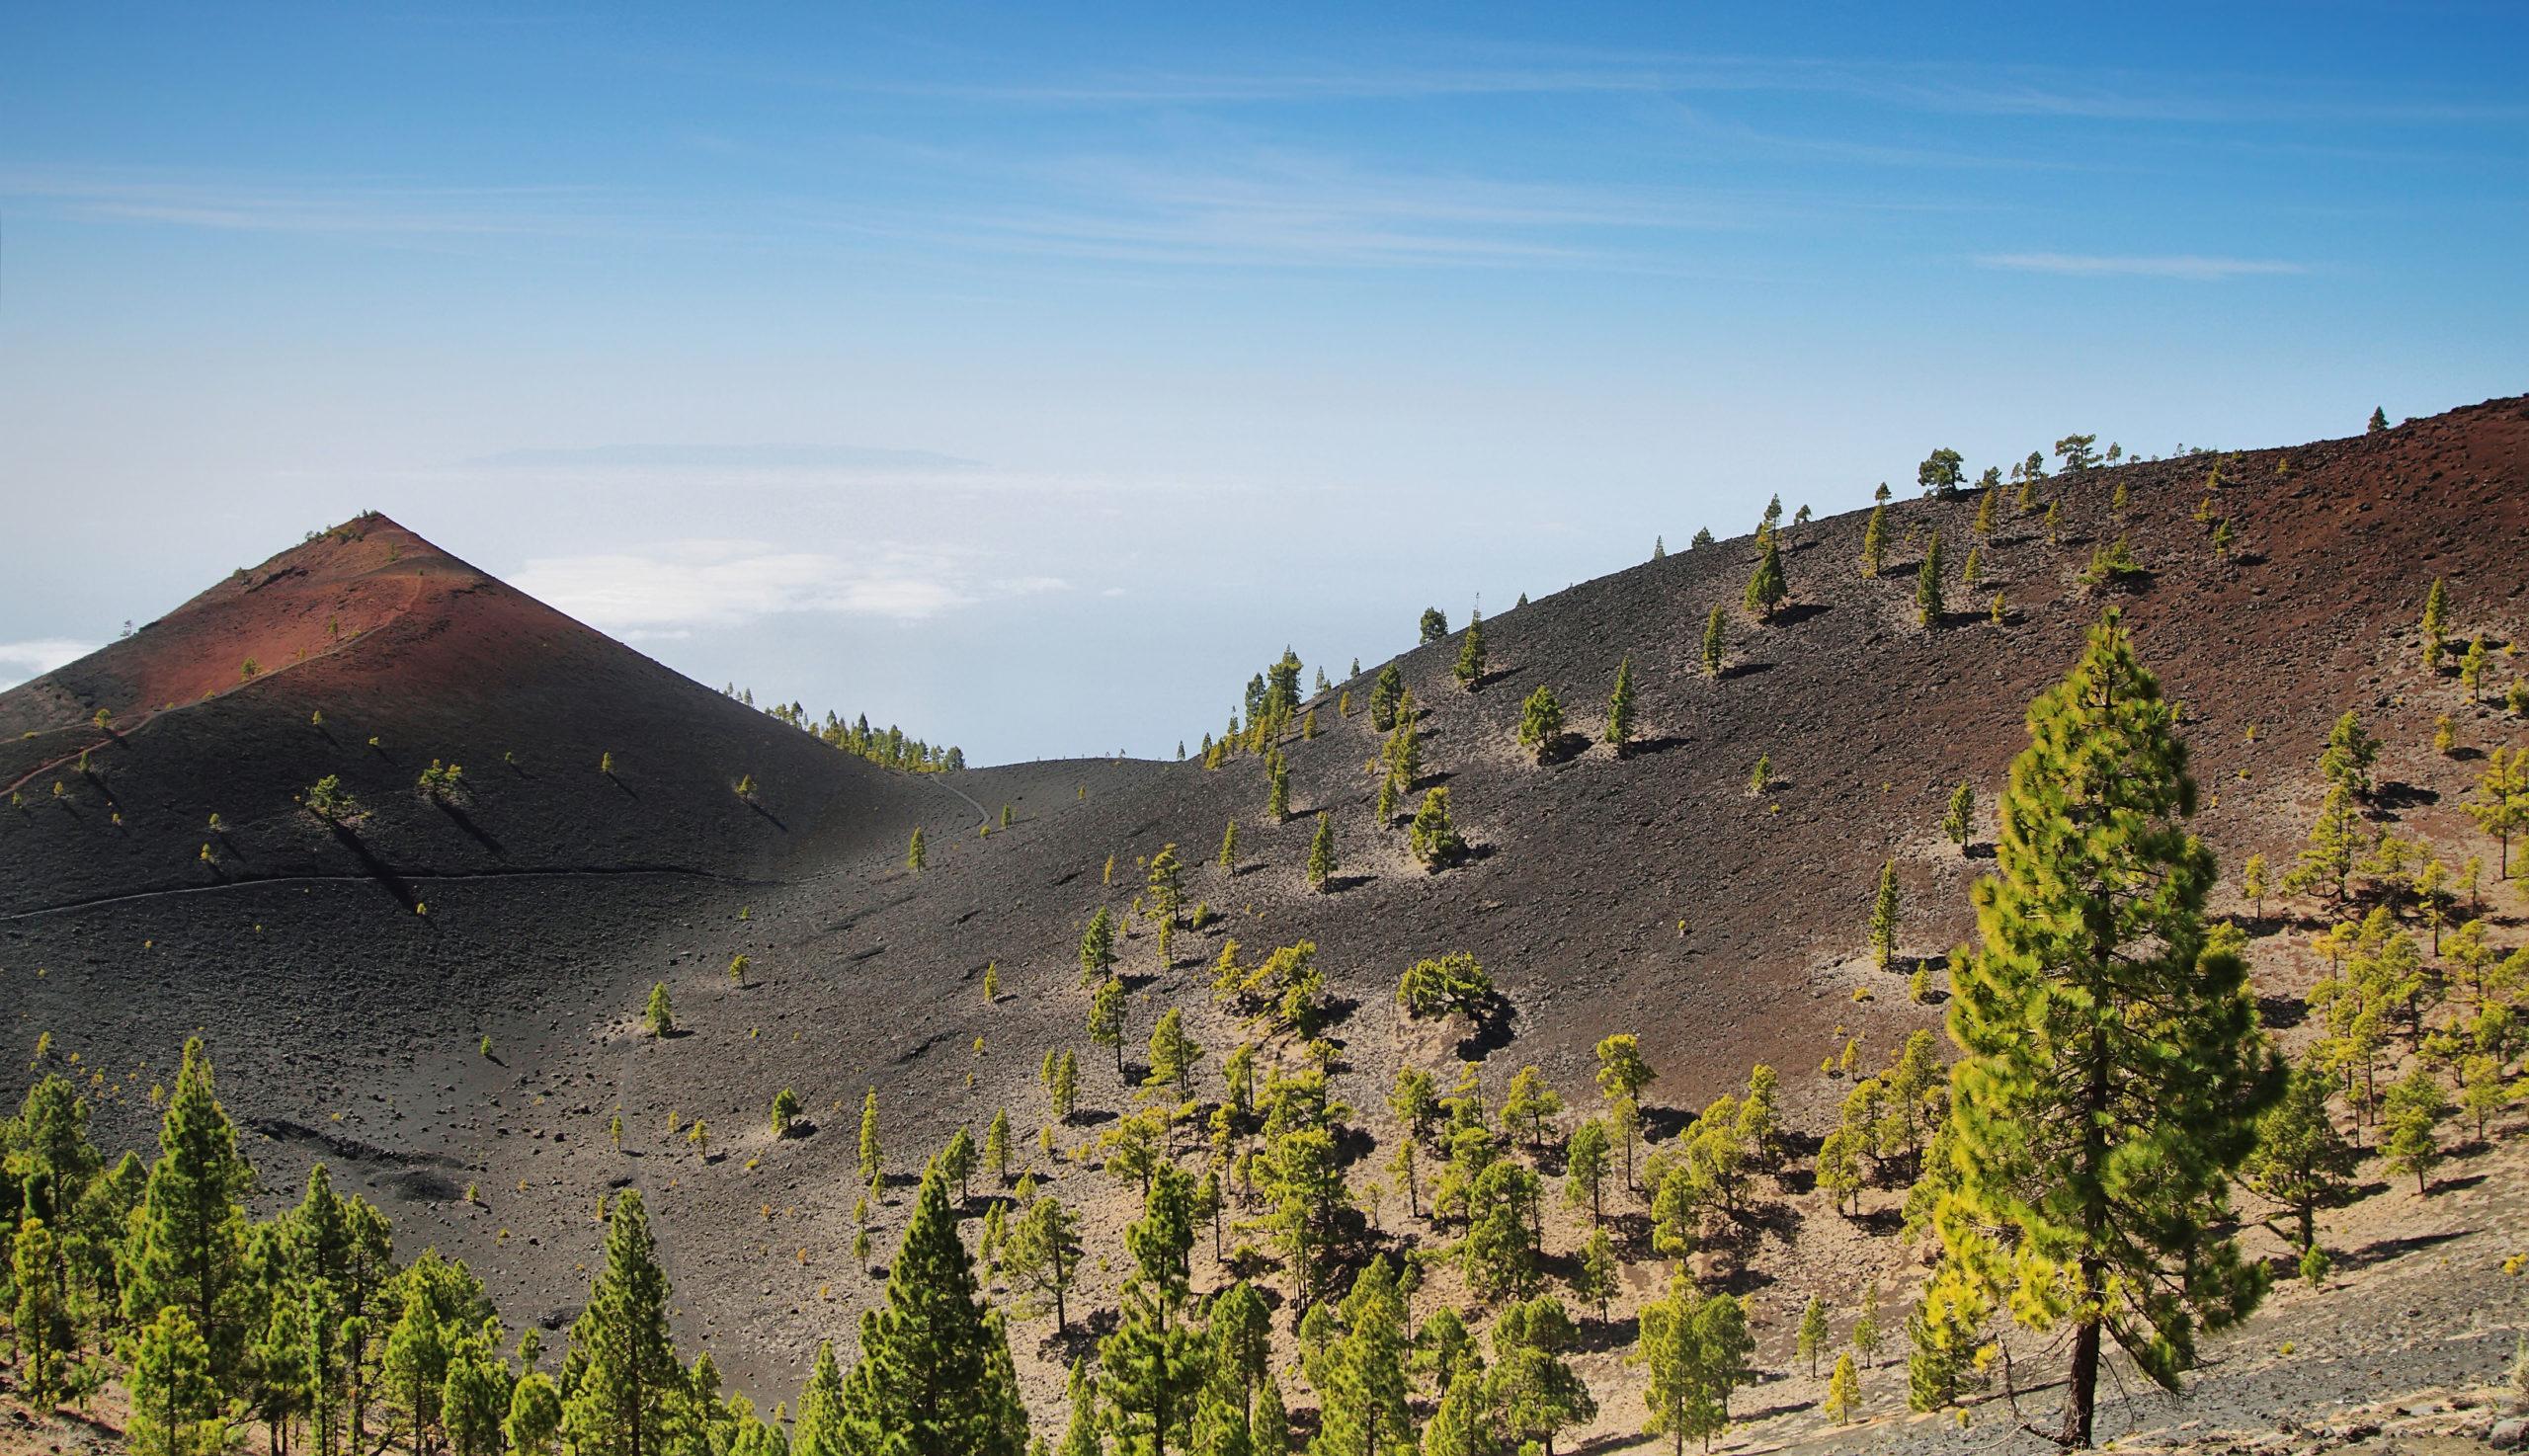 La Palma expone su oferta de Turismo Activo y Ecoturismo dentro del ciclo de conferencias de Activa Canarias